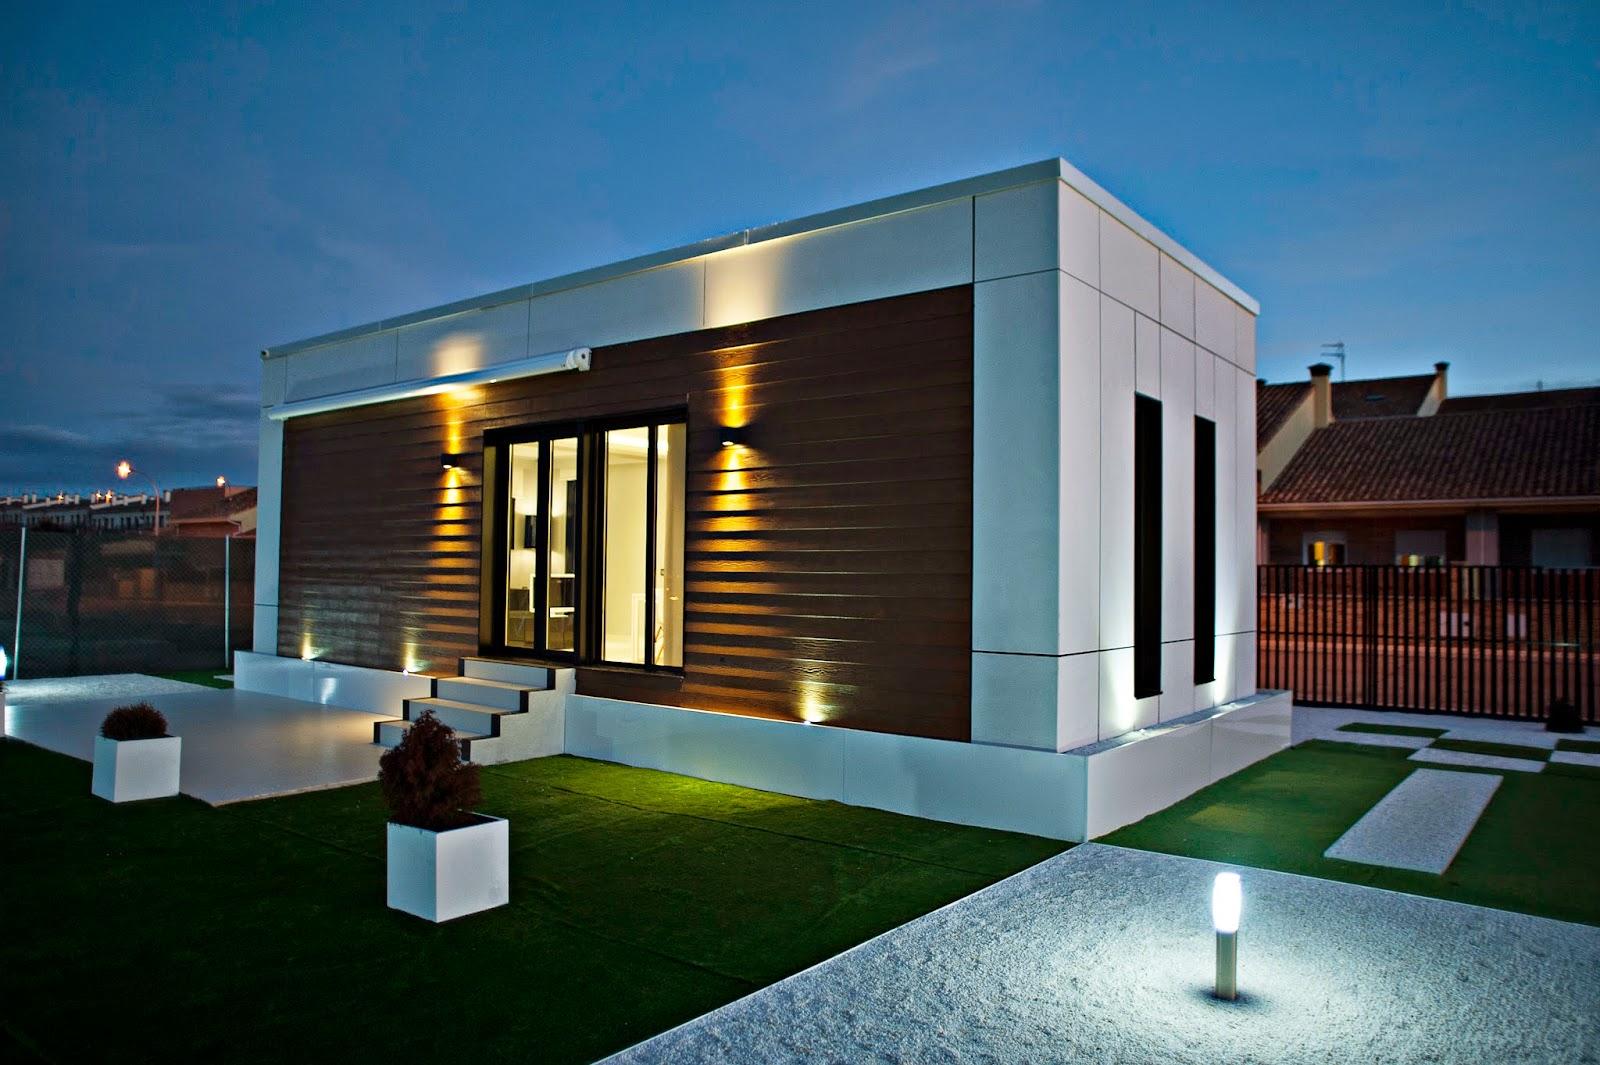 Exteriores modelo loft Resan Modular